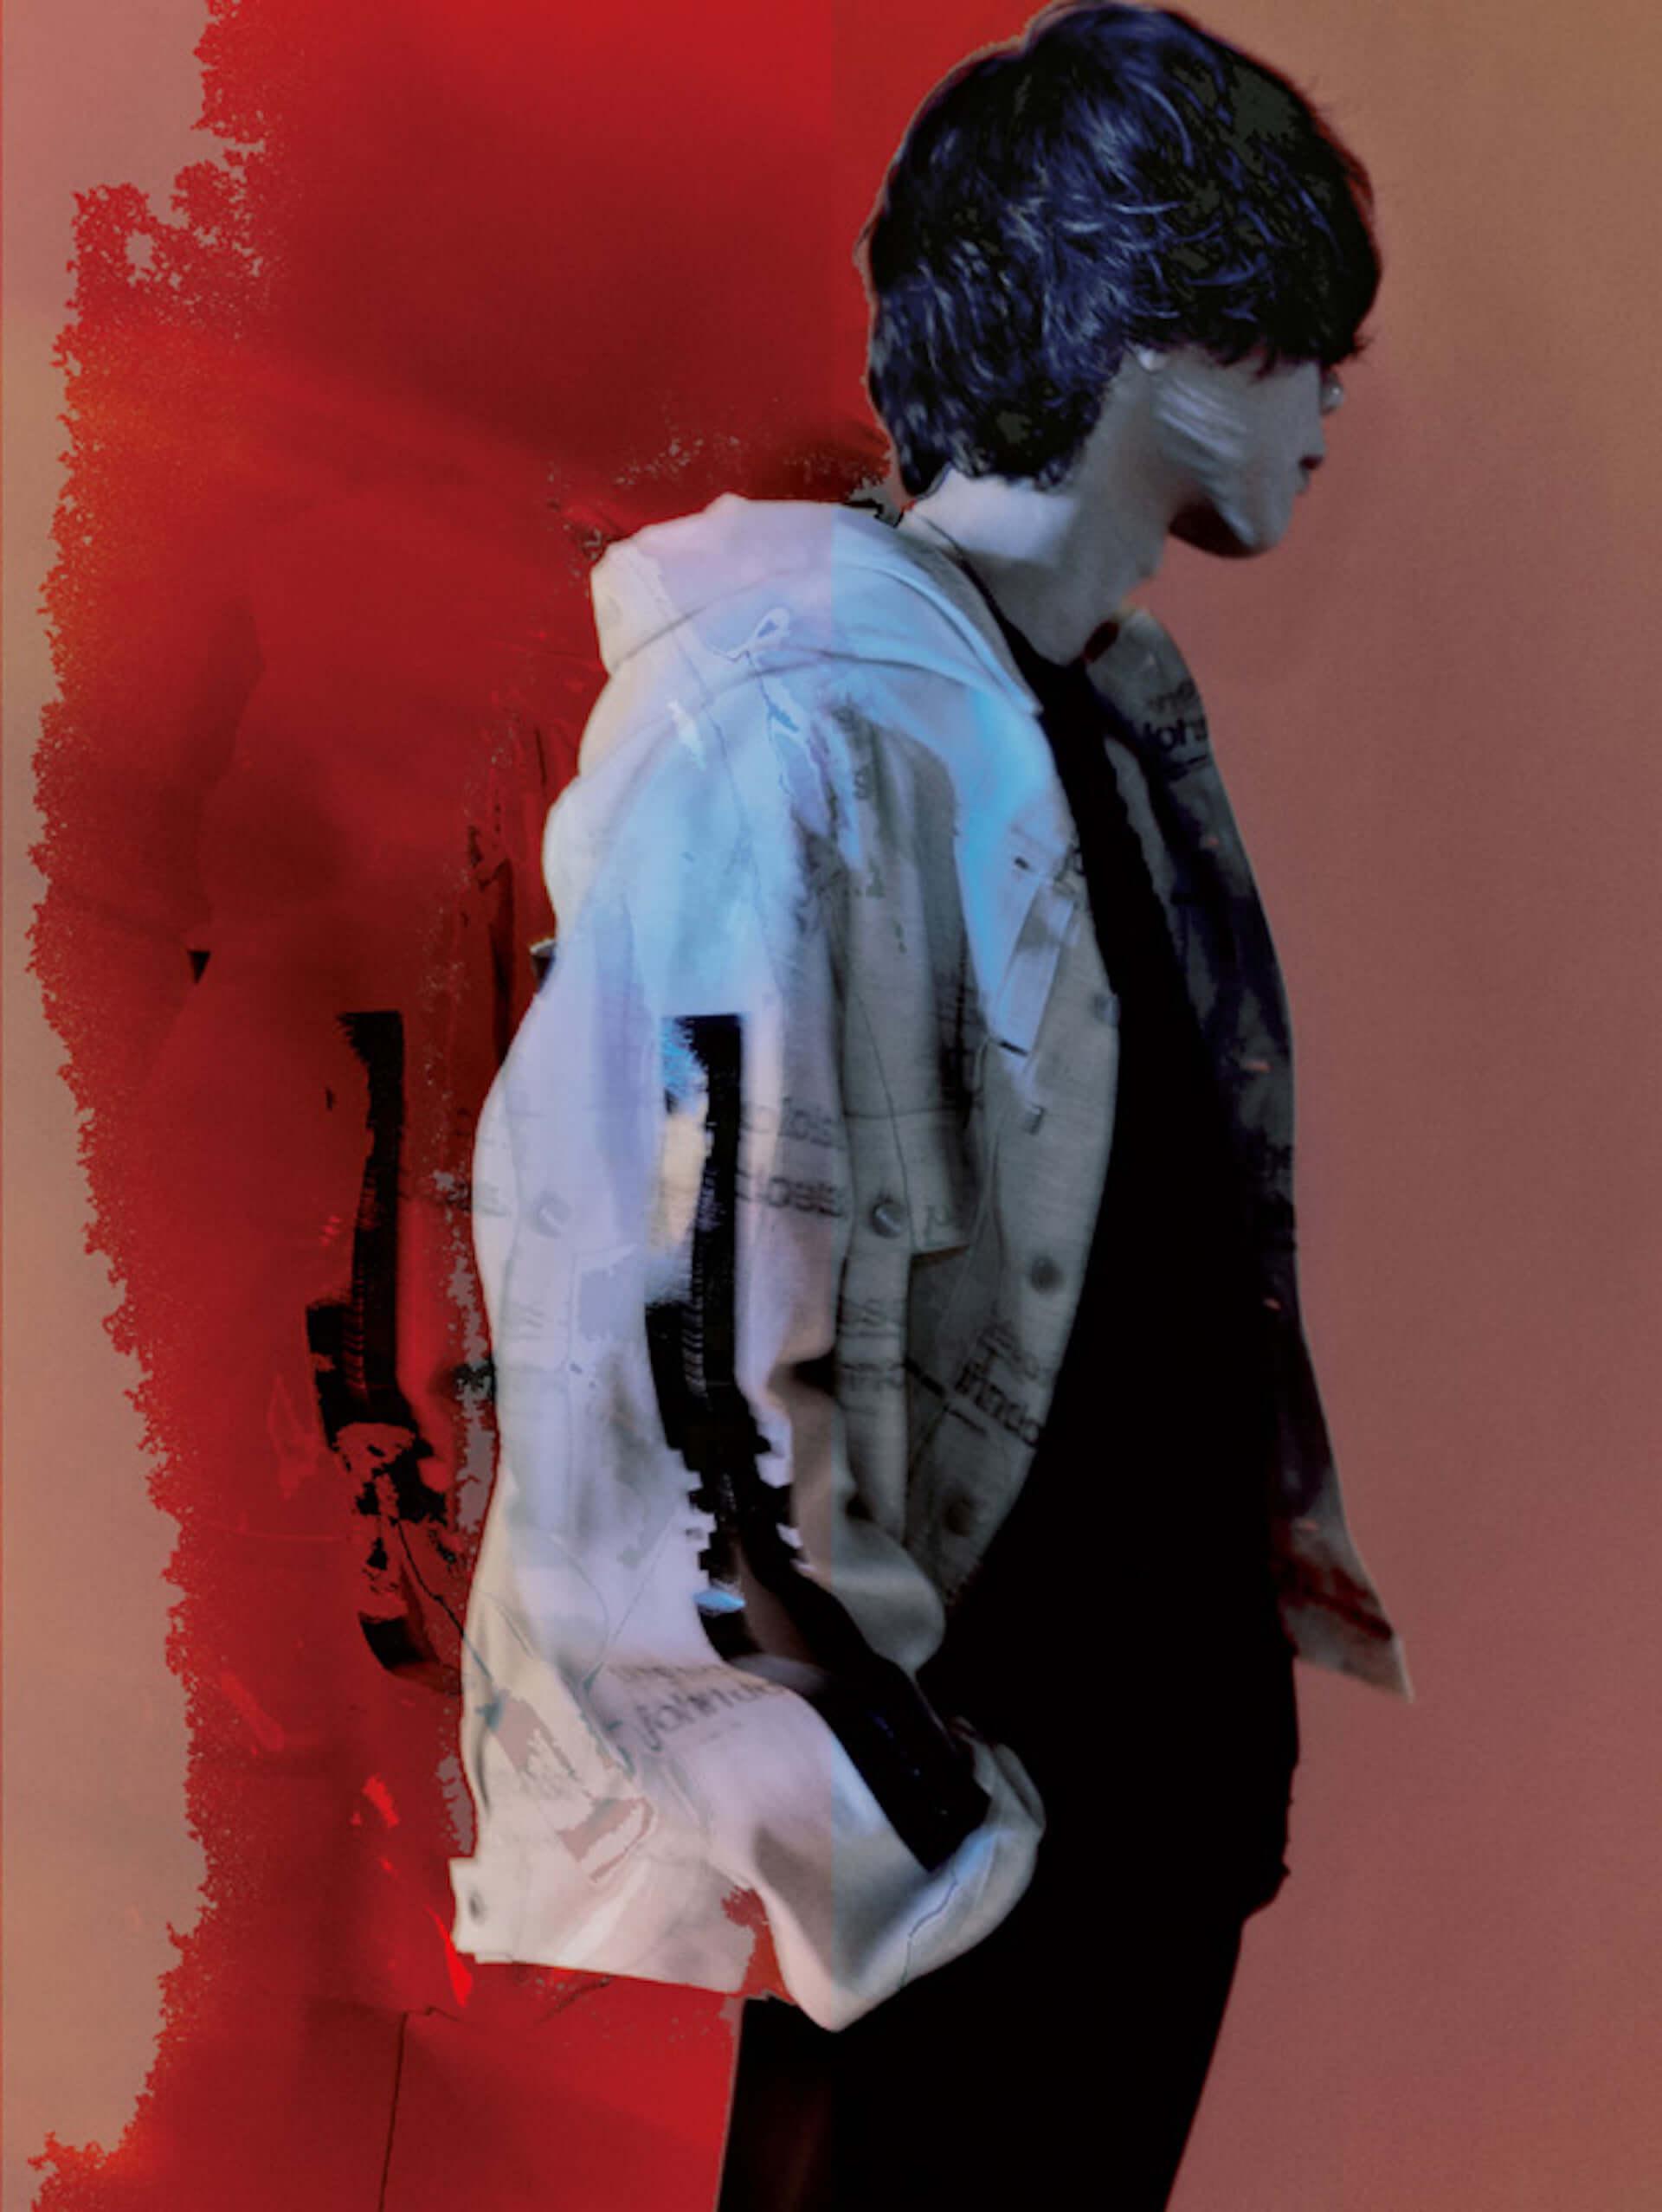 米津玄師が『HIGHSNOBIETY JAPAN』ISSUE06のカバーに登場!16ページに及ぶ大特集を掲載 music210329_yonezukenshi_2-1920x2556